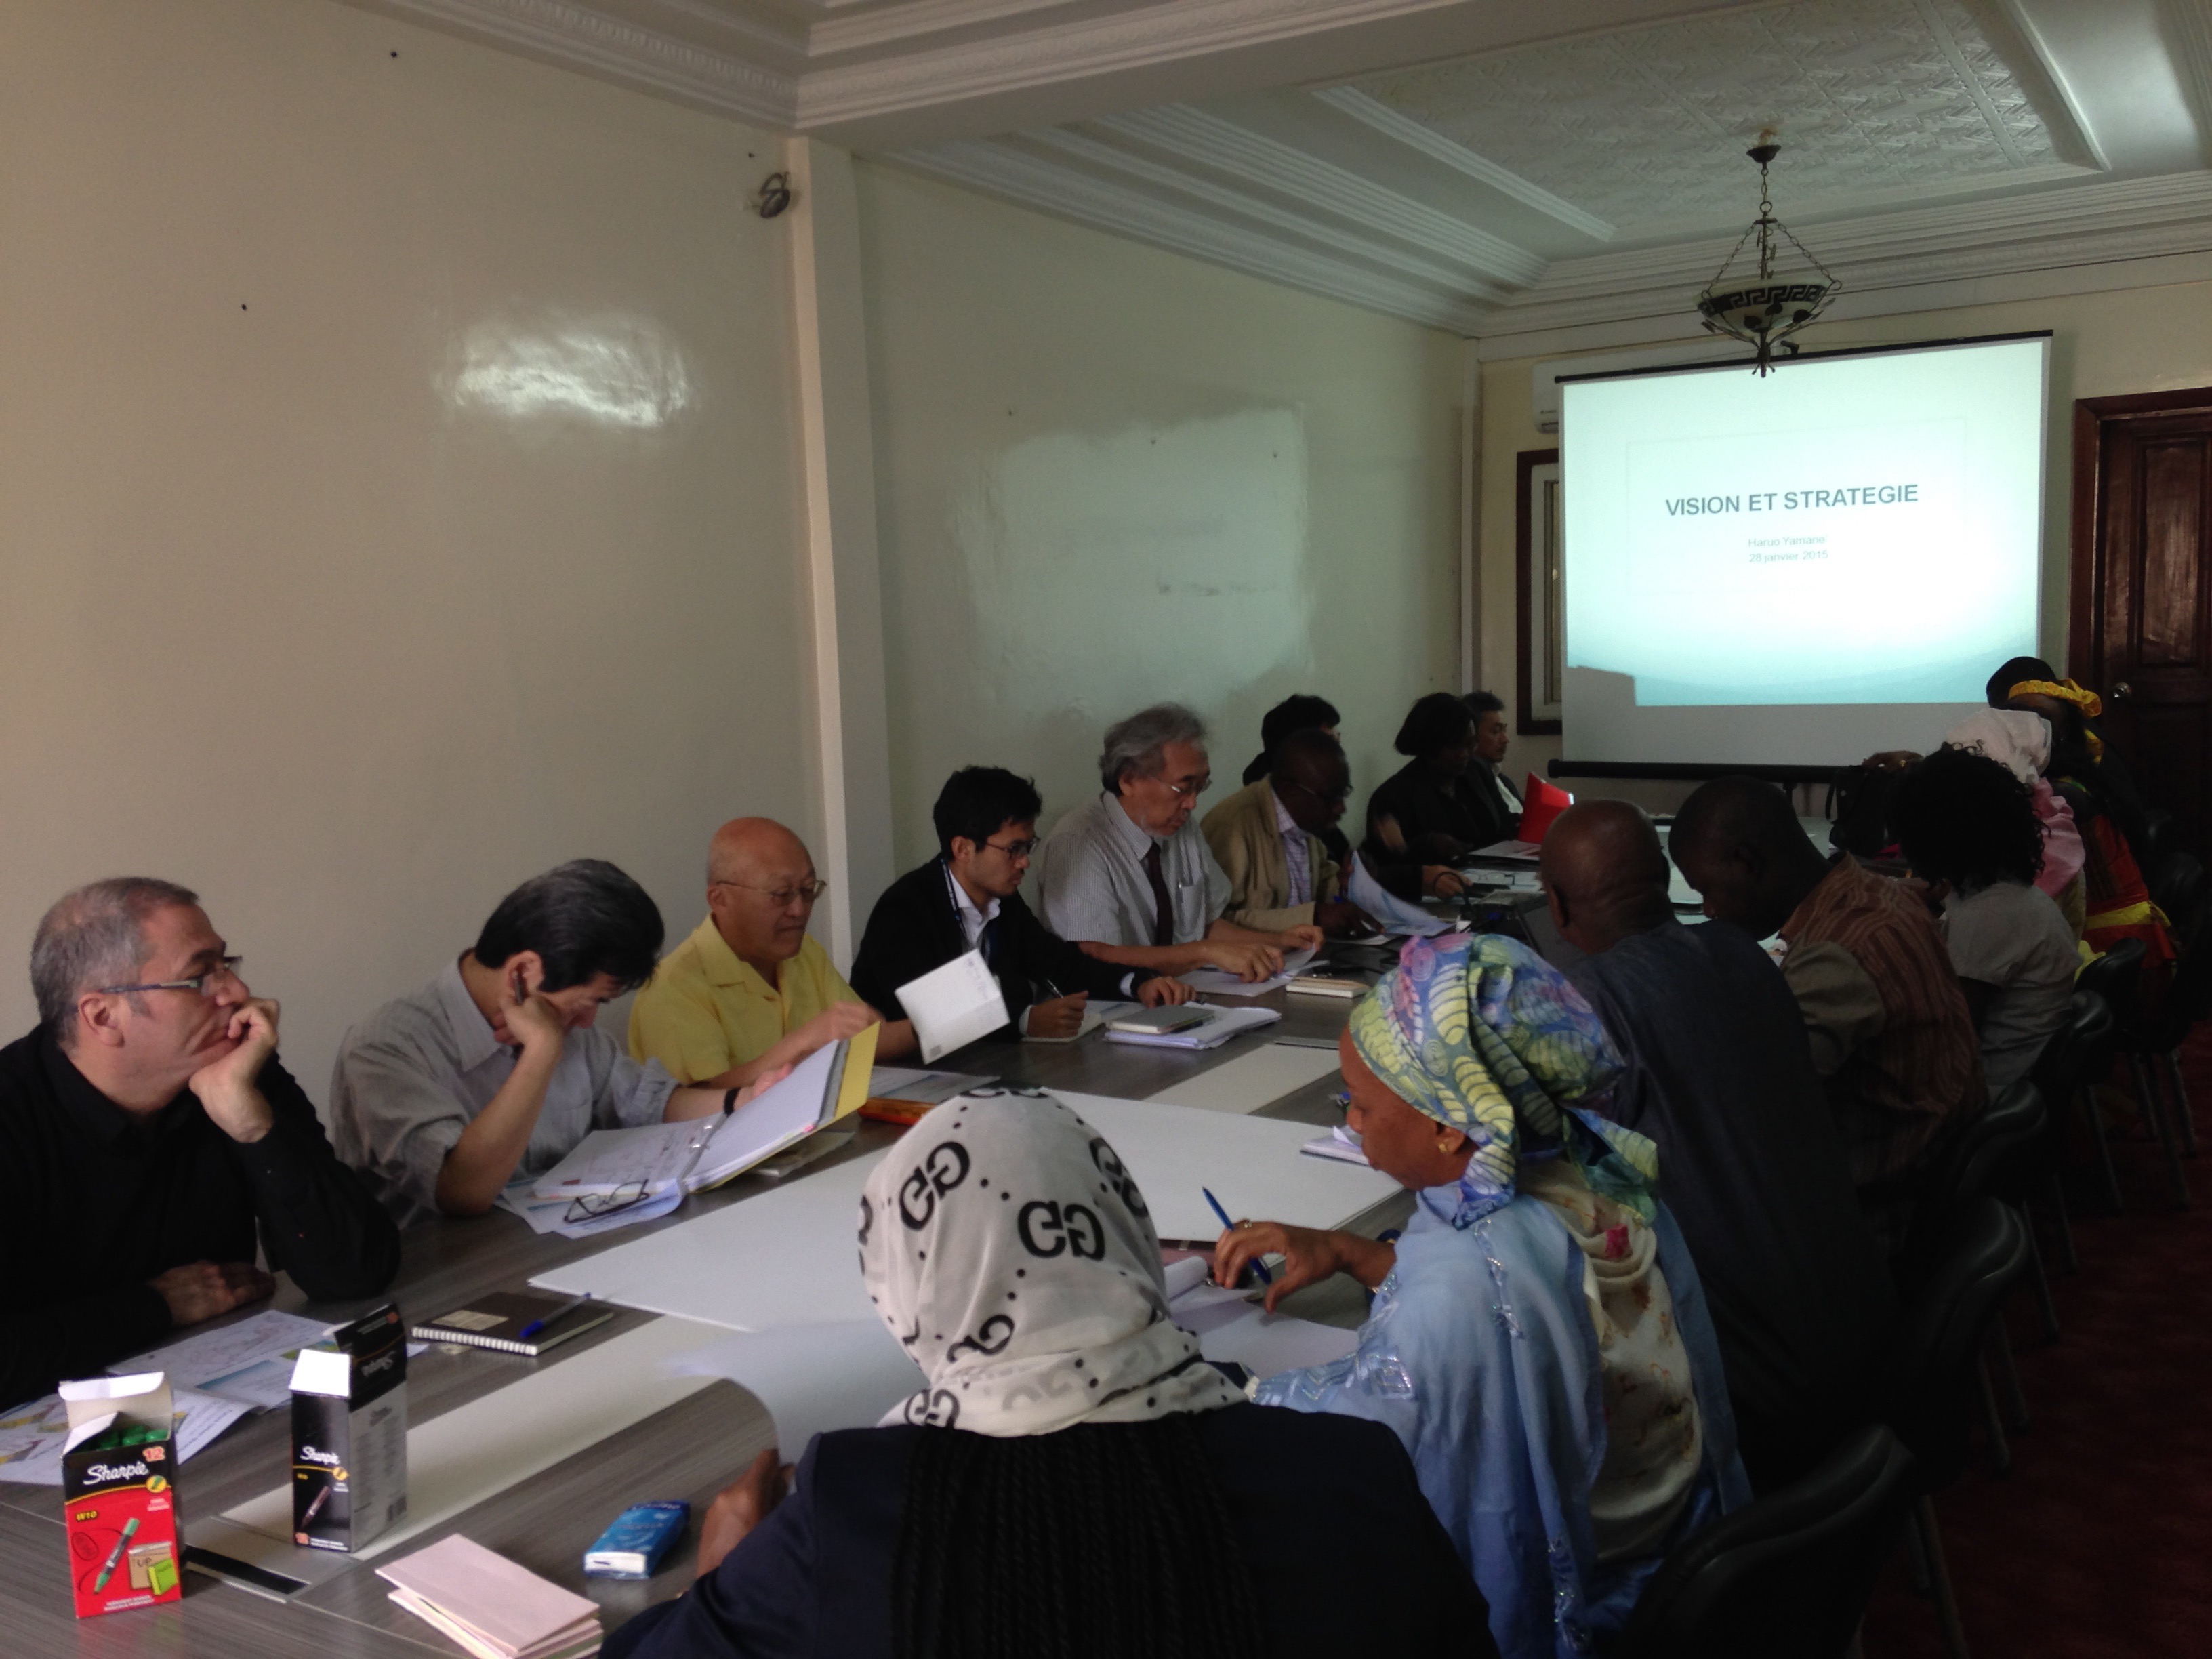 セネガル政府職員との定例会議。セネガル政府のカウンタパートと調査団による定例会議は、プロジェクト期間を通じて毎週開催されました。調査の進捗状況、課題、計画方針などが定例会議で協議されました。